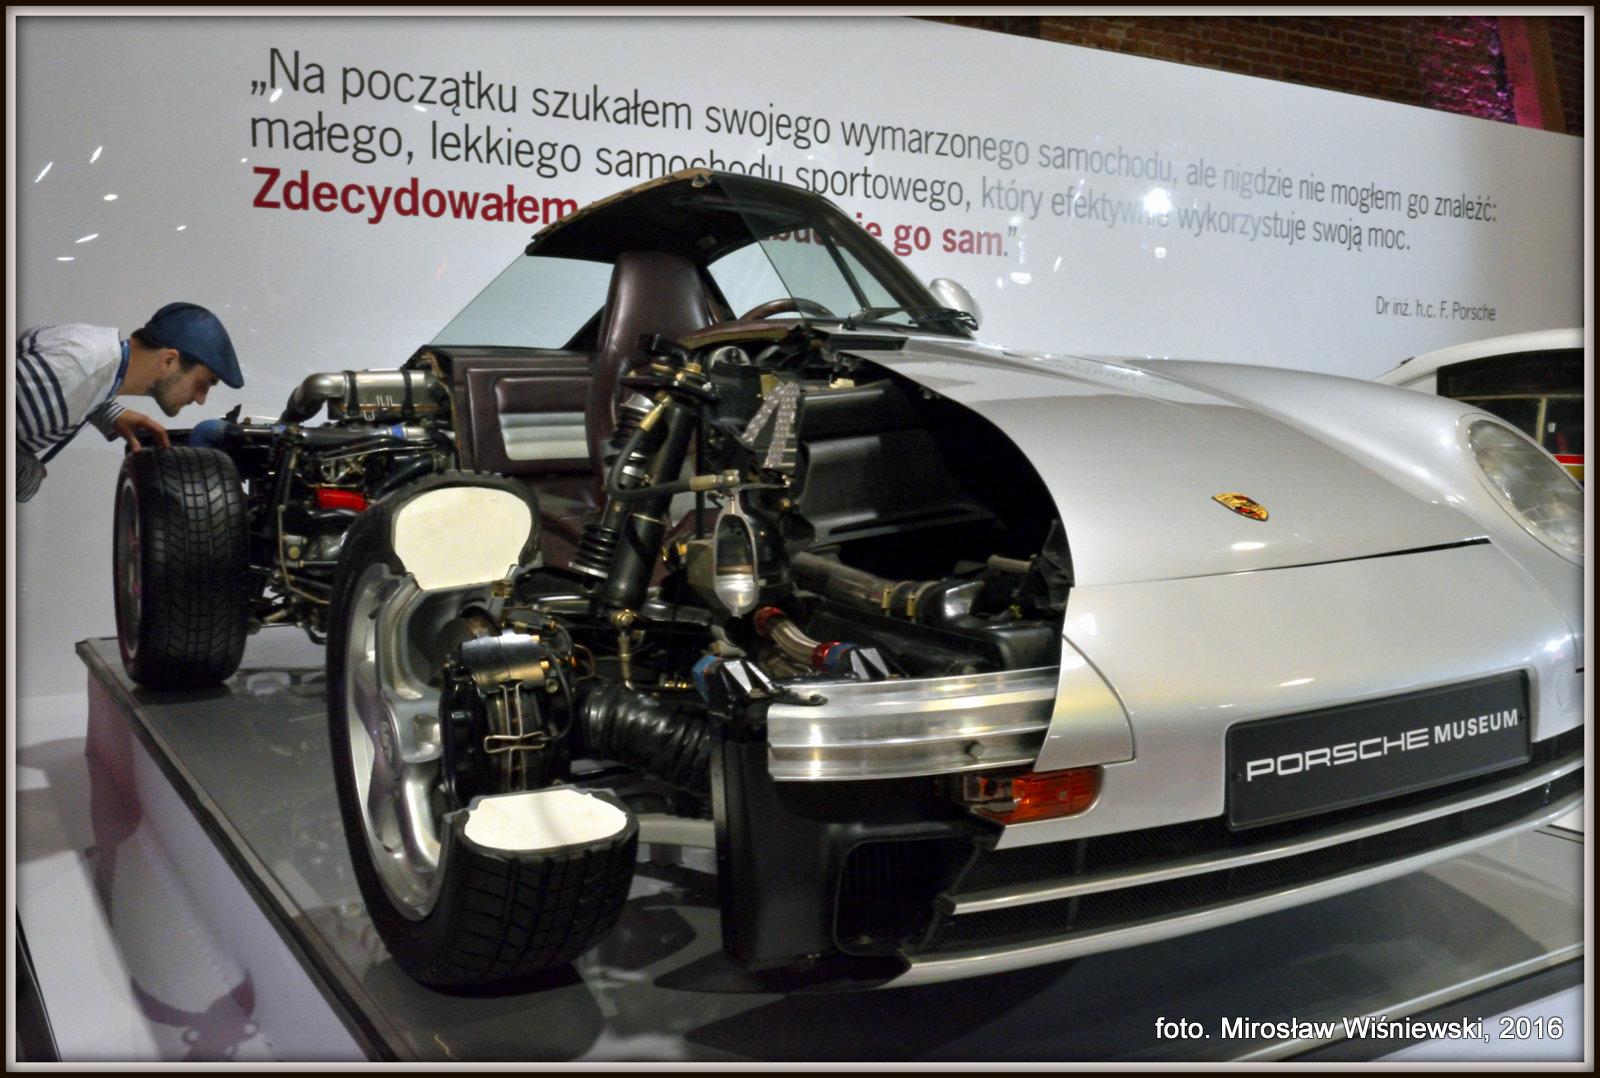 Miroslaw Wisniewski , MotoClassic Wrocław